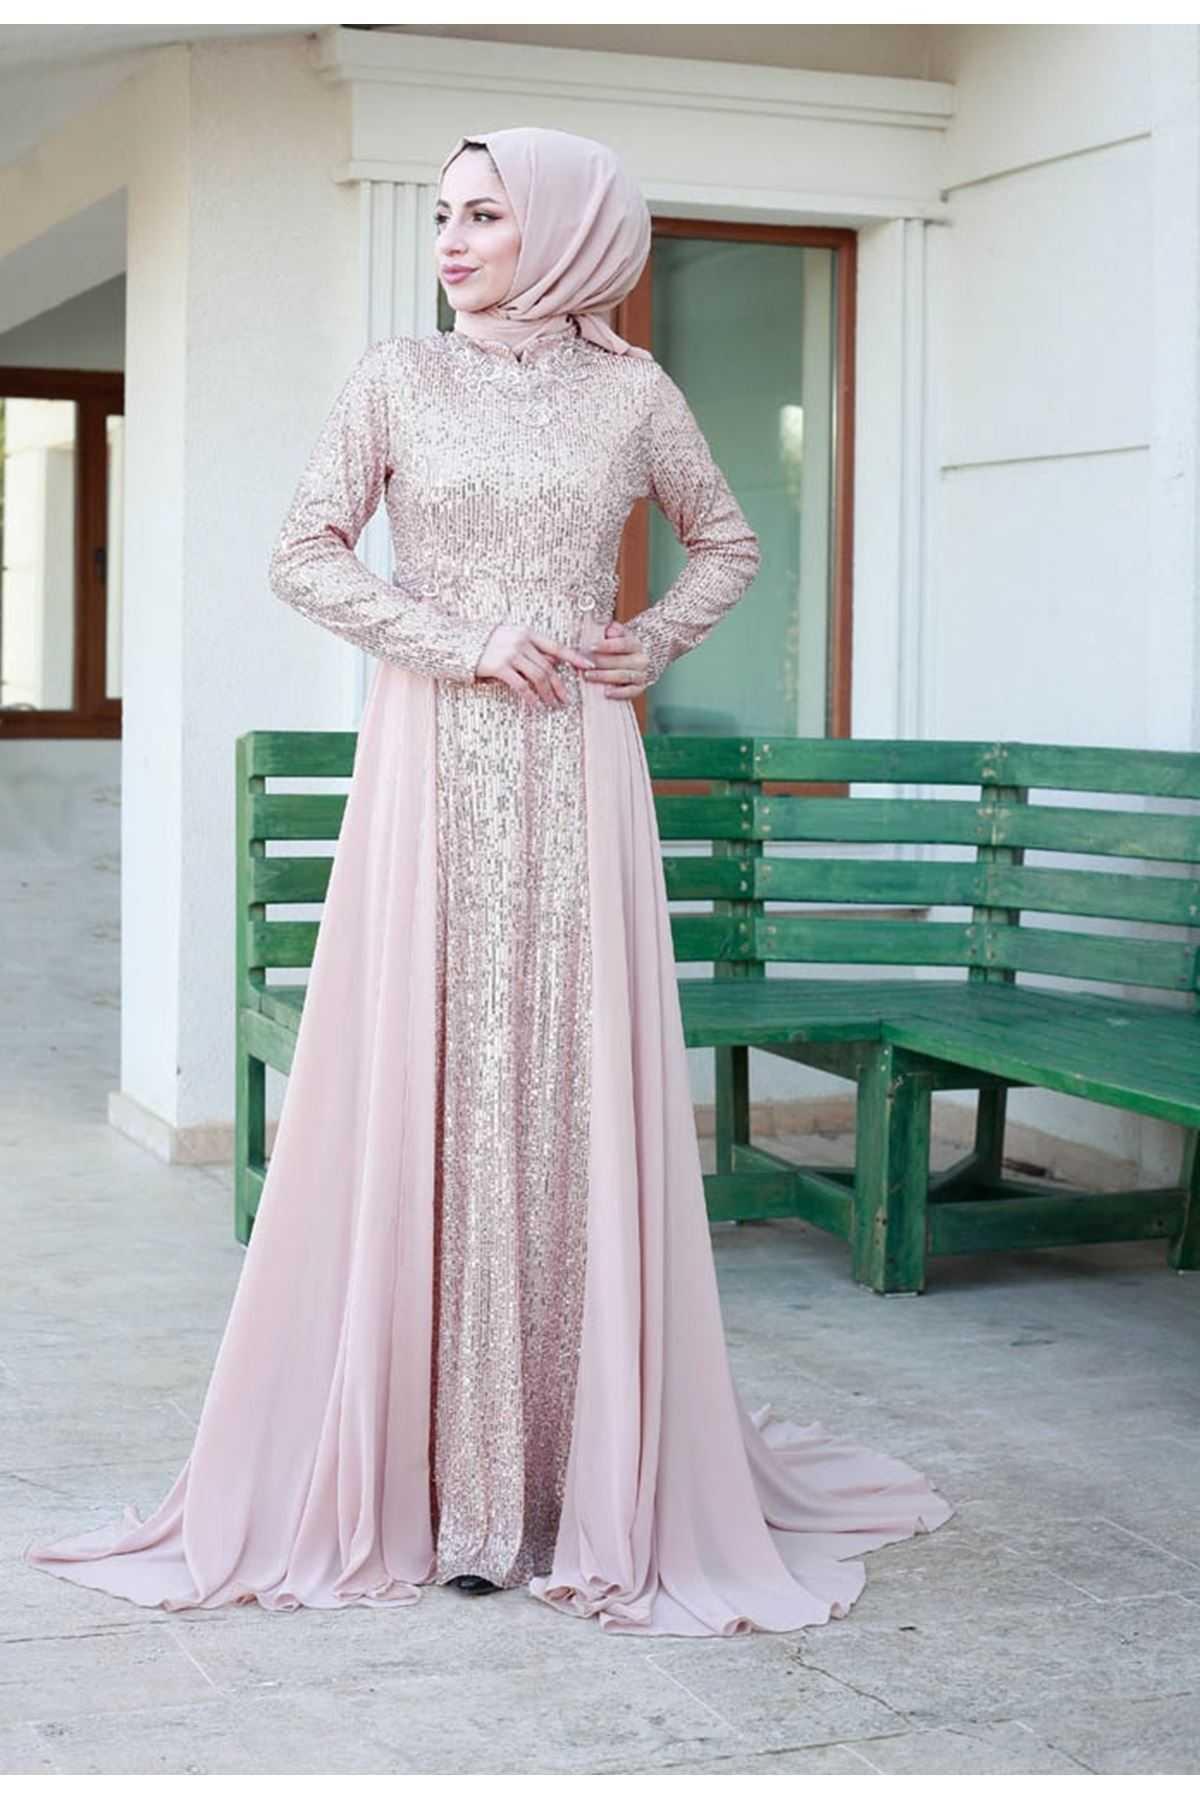 Zara Tesettür Taşlı Abiye Elbise Modelleri